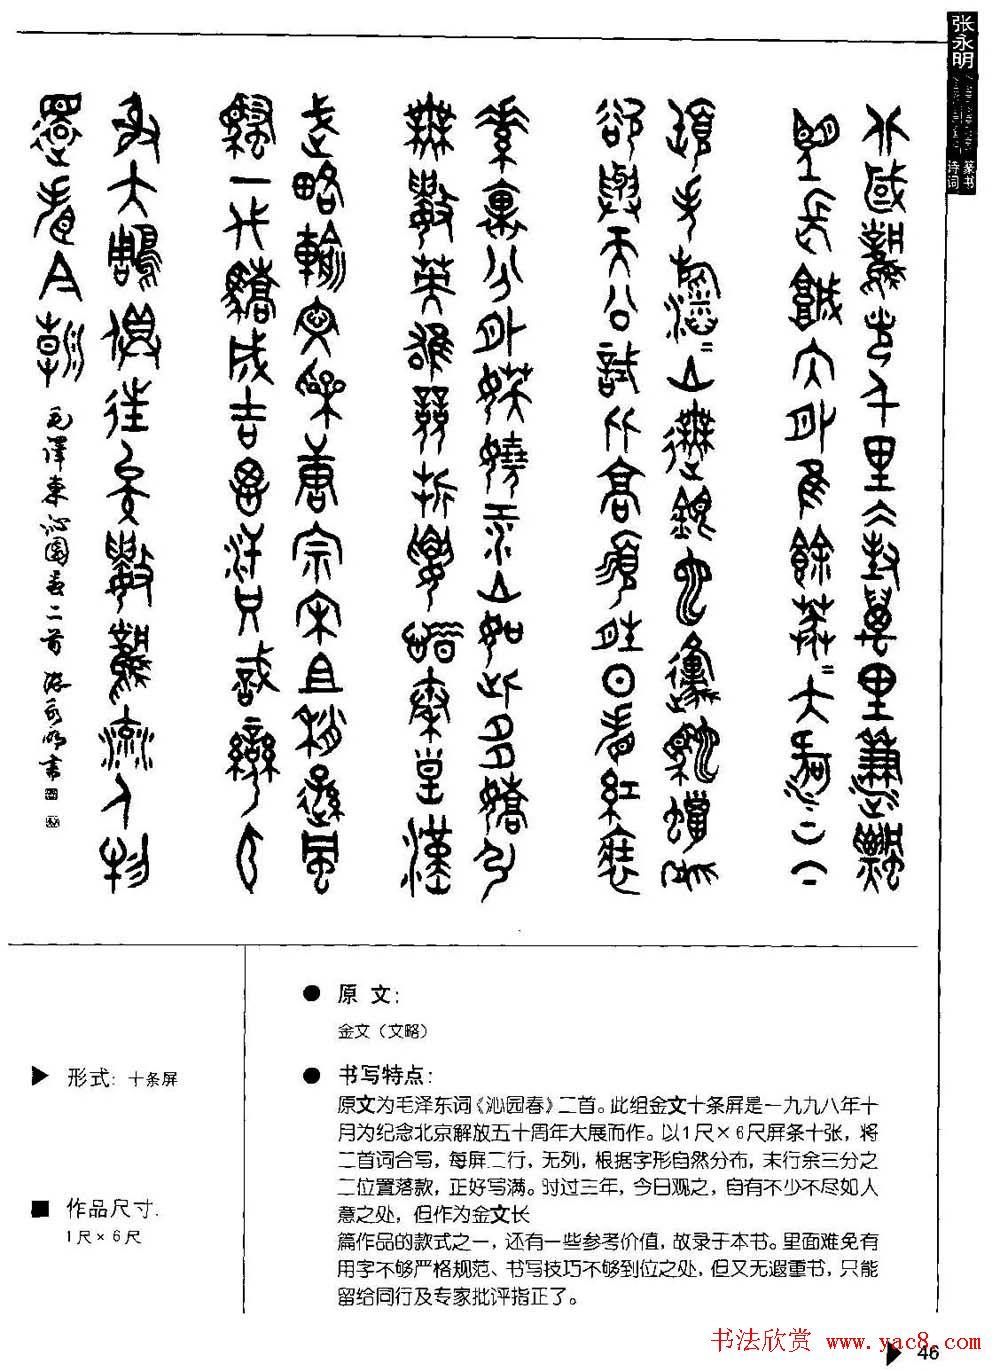 张永明篆书字帖 篆书诗词50例 第48页 篆书字帖 书法欣赏